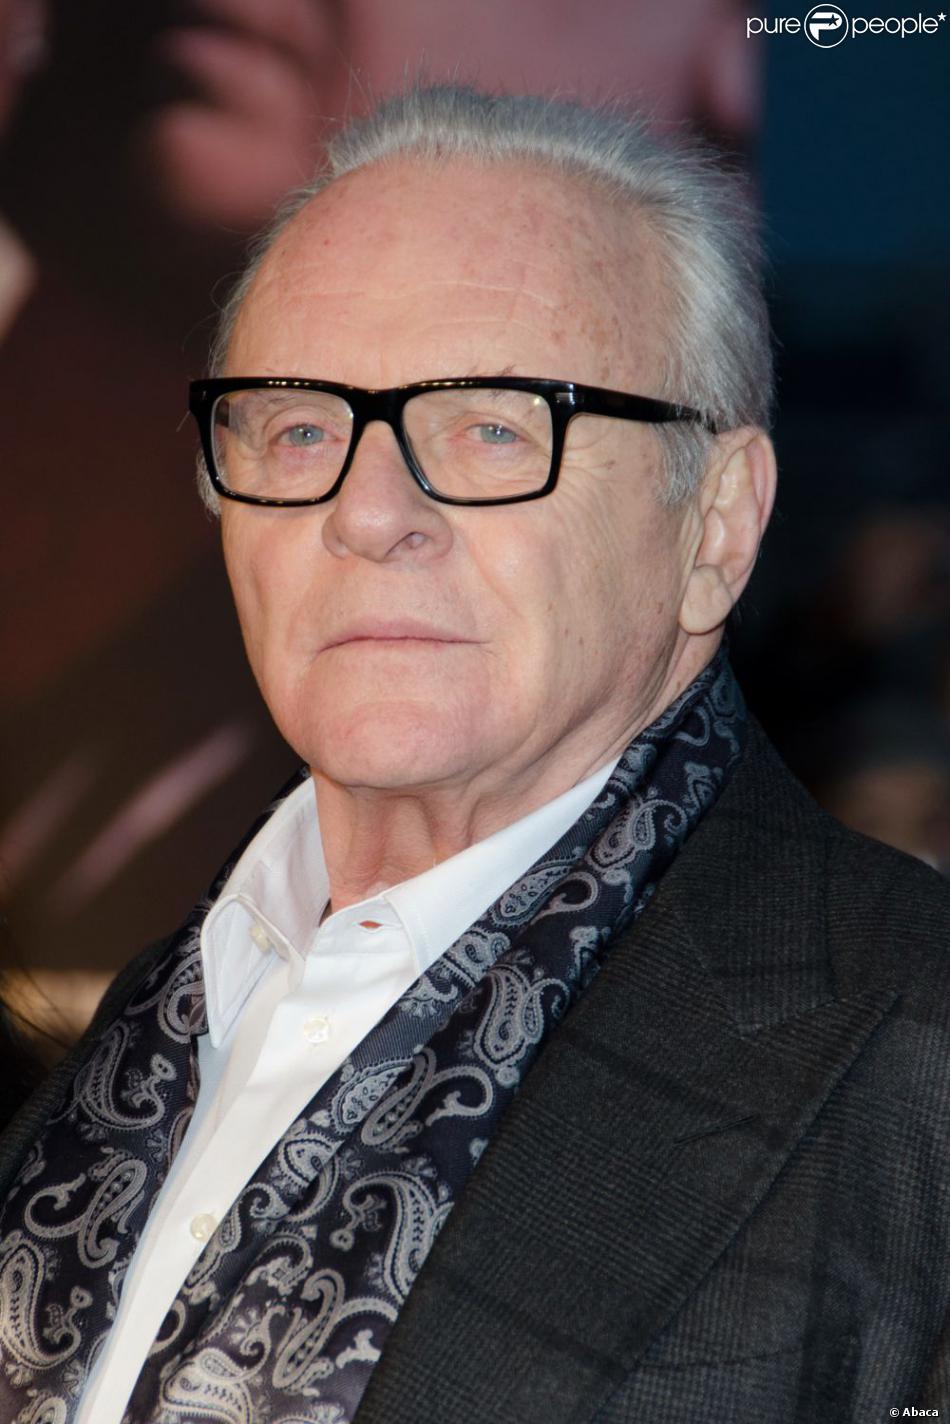 Sir Anthony Hopkins lors de l'avant-première du film Hitchcock le 9 décembre 2012